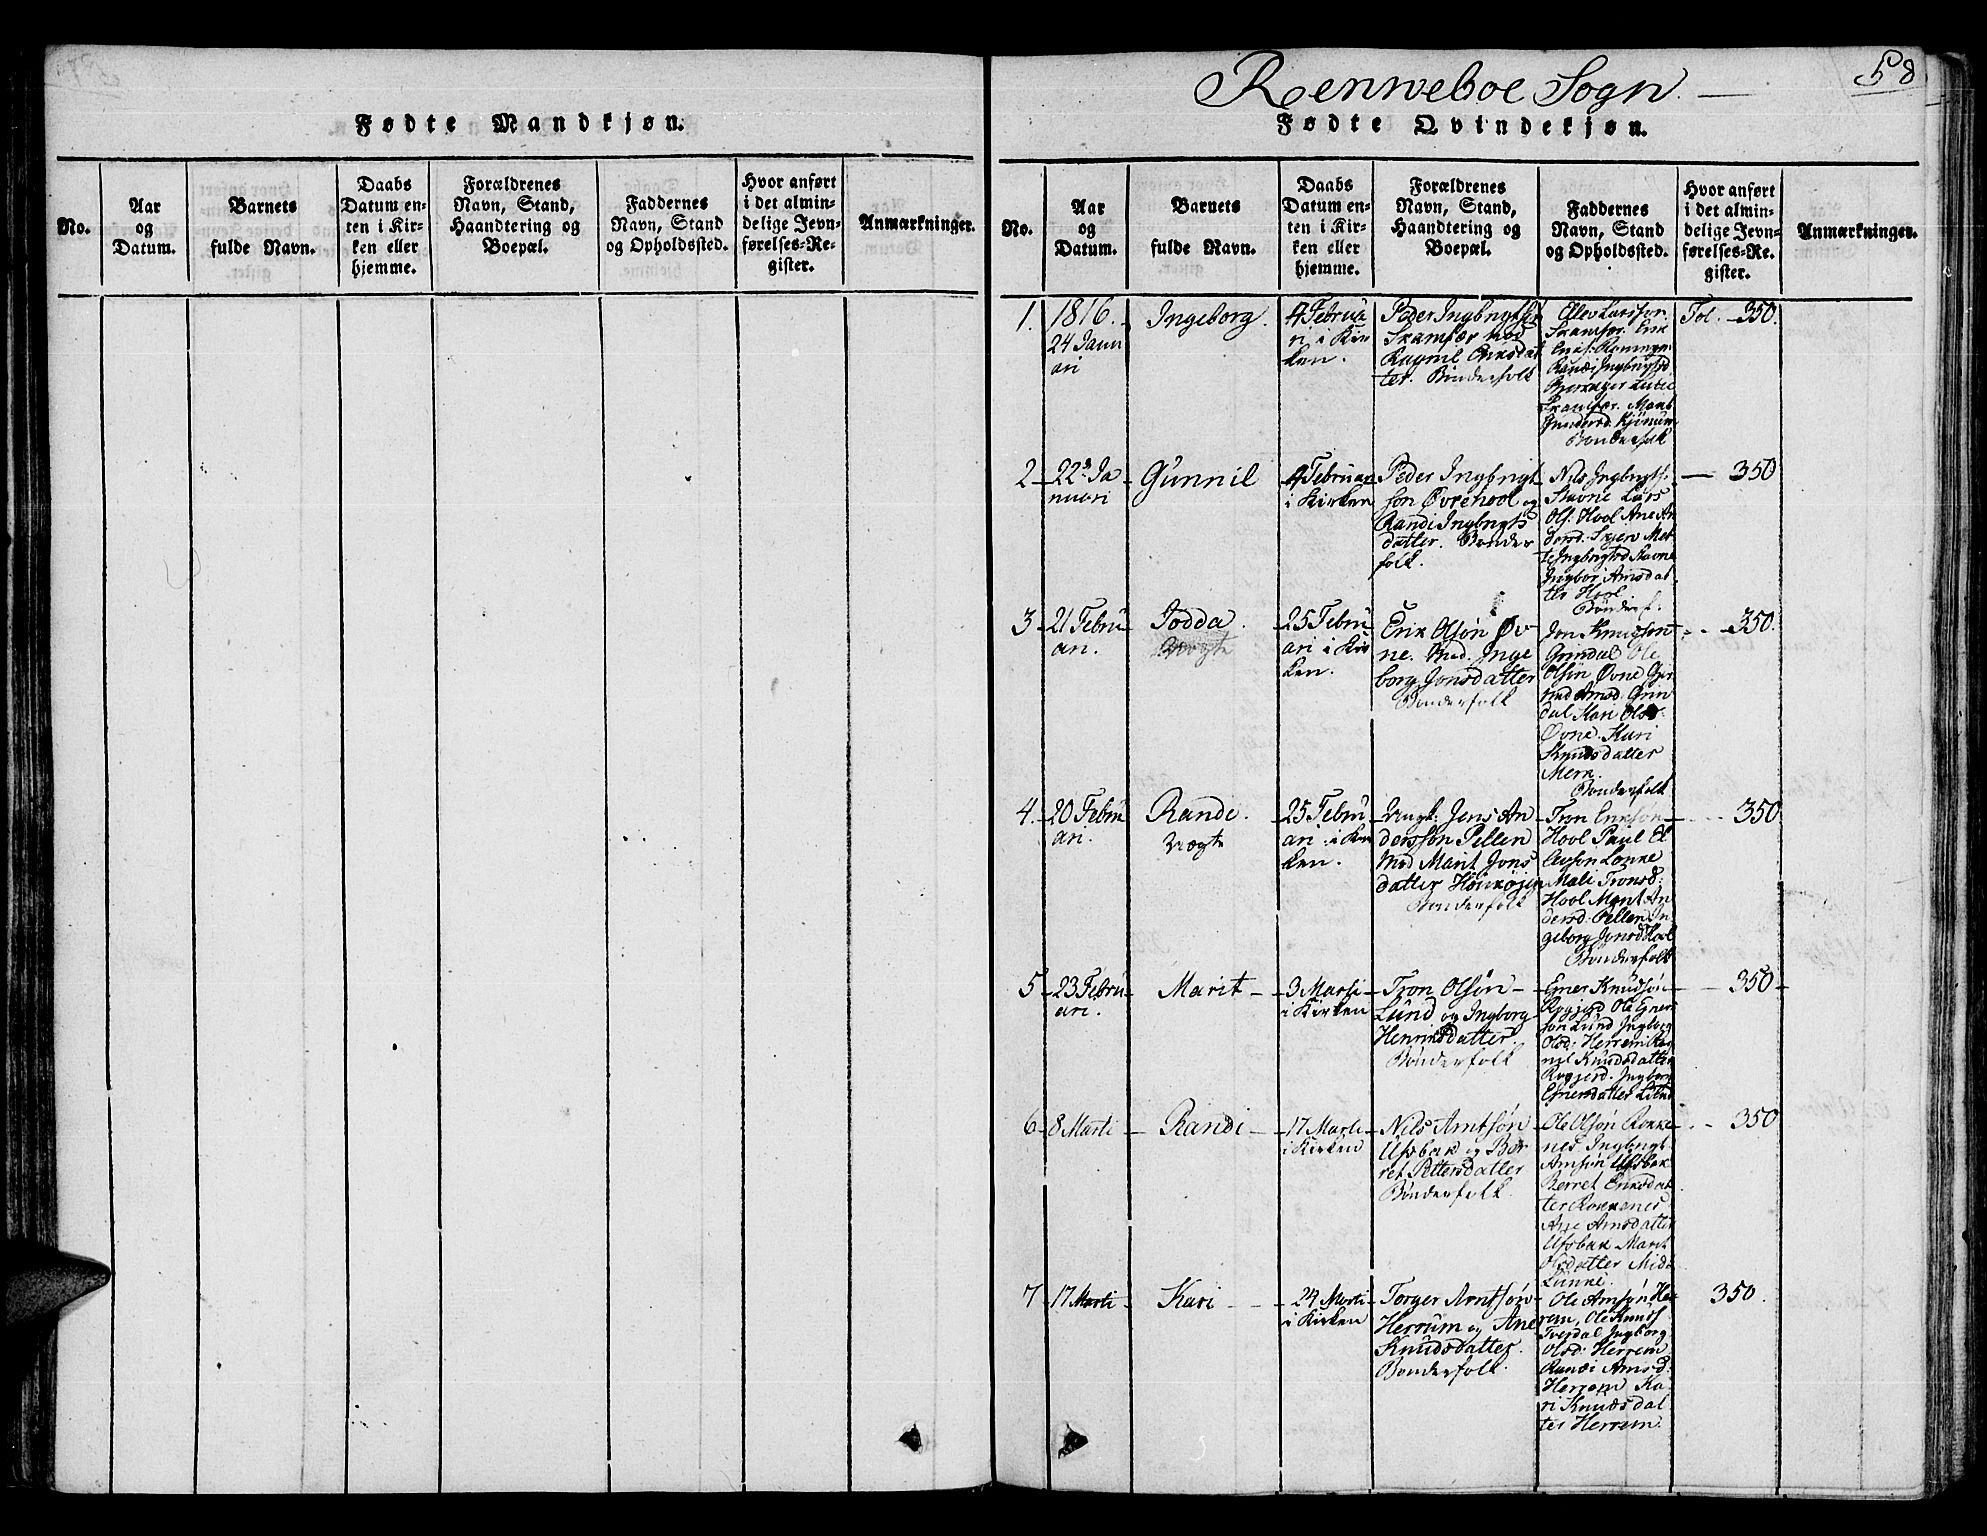 SAT, Ministerialprotokoller, klokkerbøker og fødselsregistre - Sør-Trøndelag, 672/L0854: Ministerialbok nr. 672A06 /2, 1816-1829, s. 58